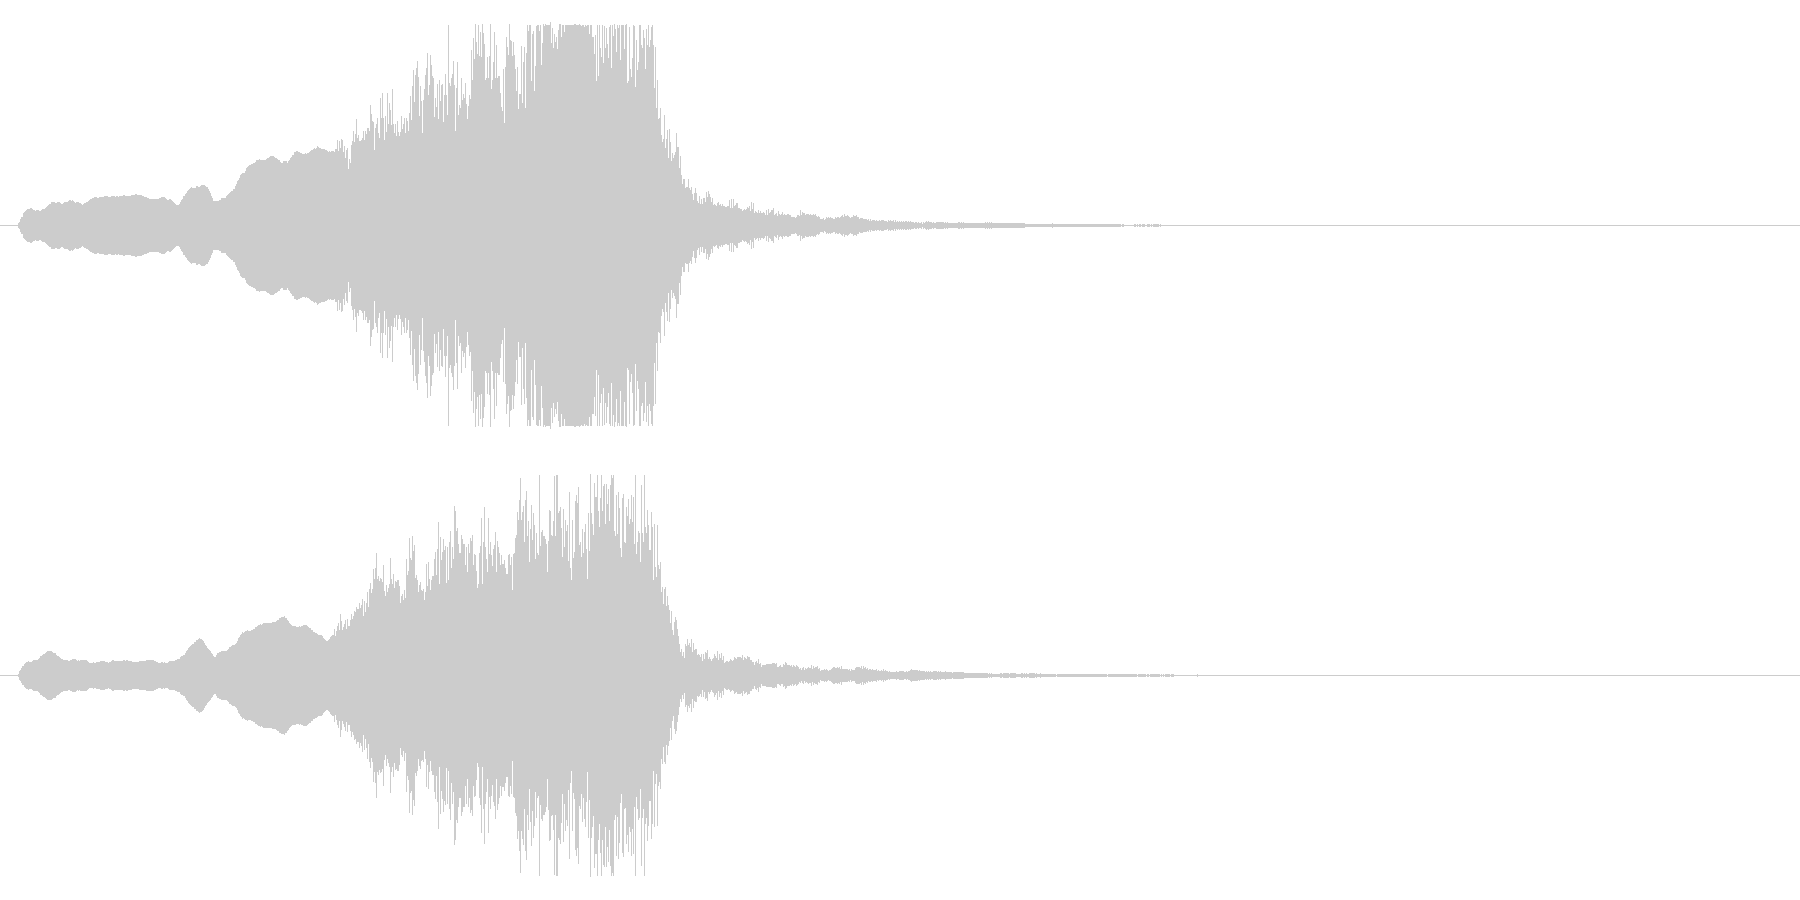 音楽、ベインステム、フレンチホルン...の未再生の波形